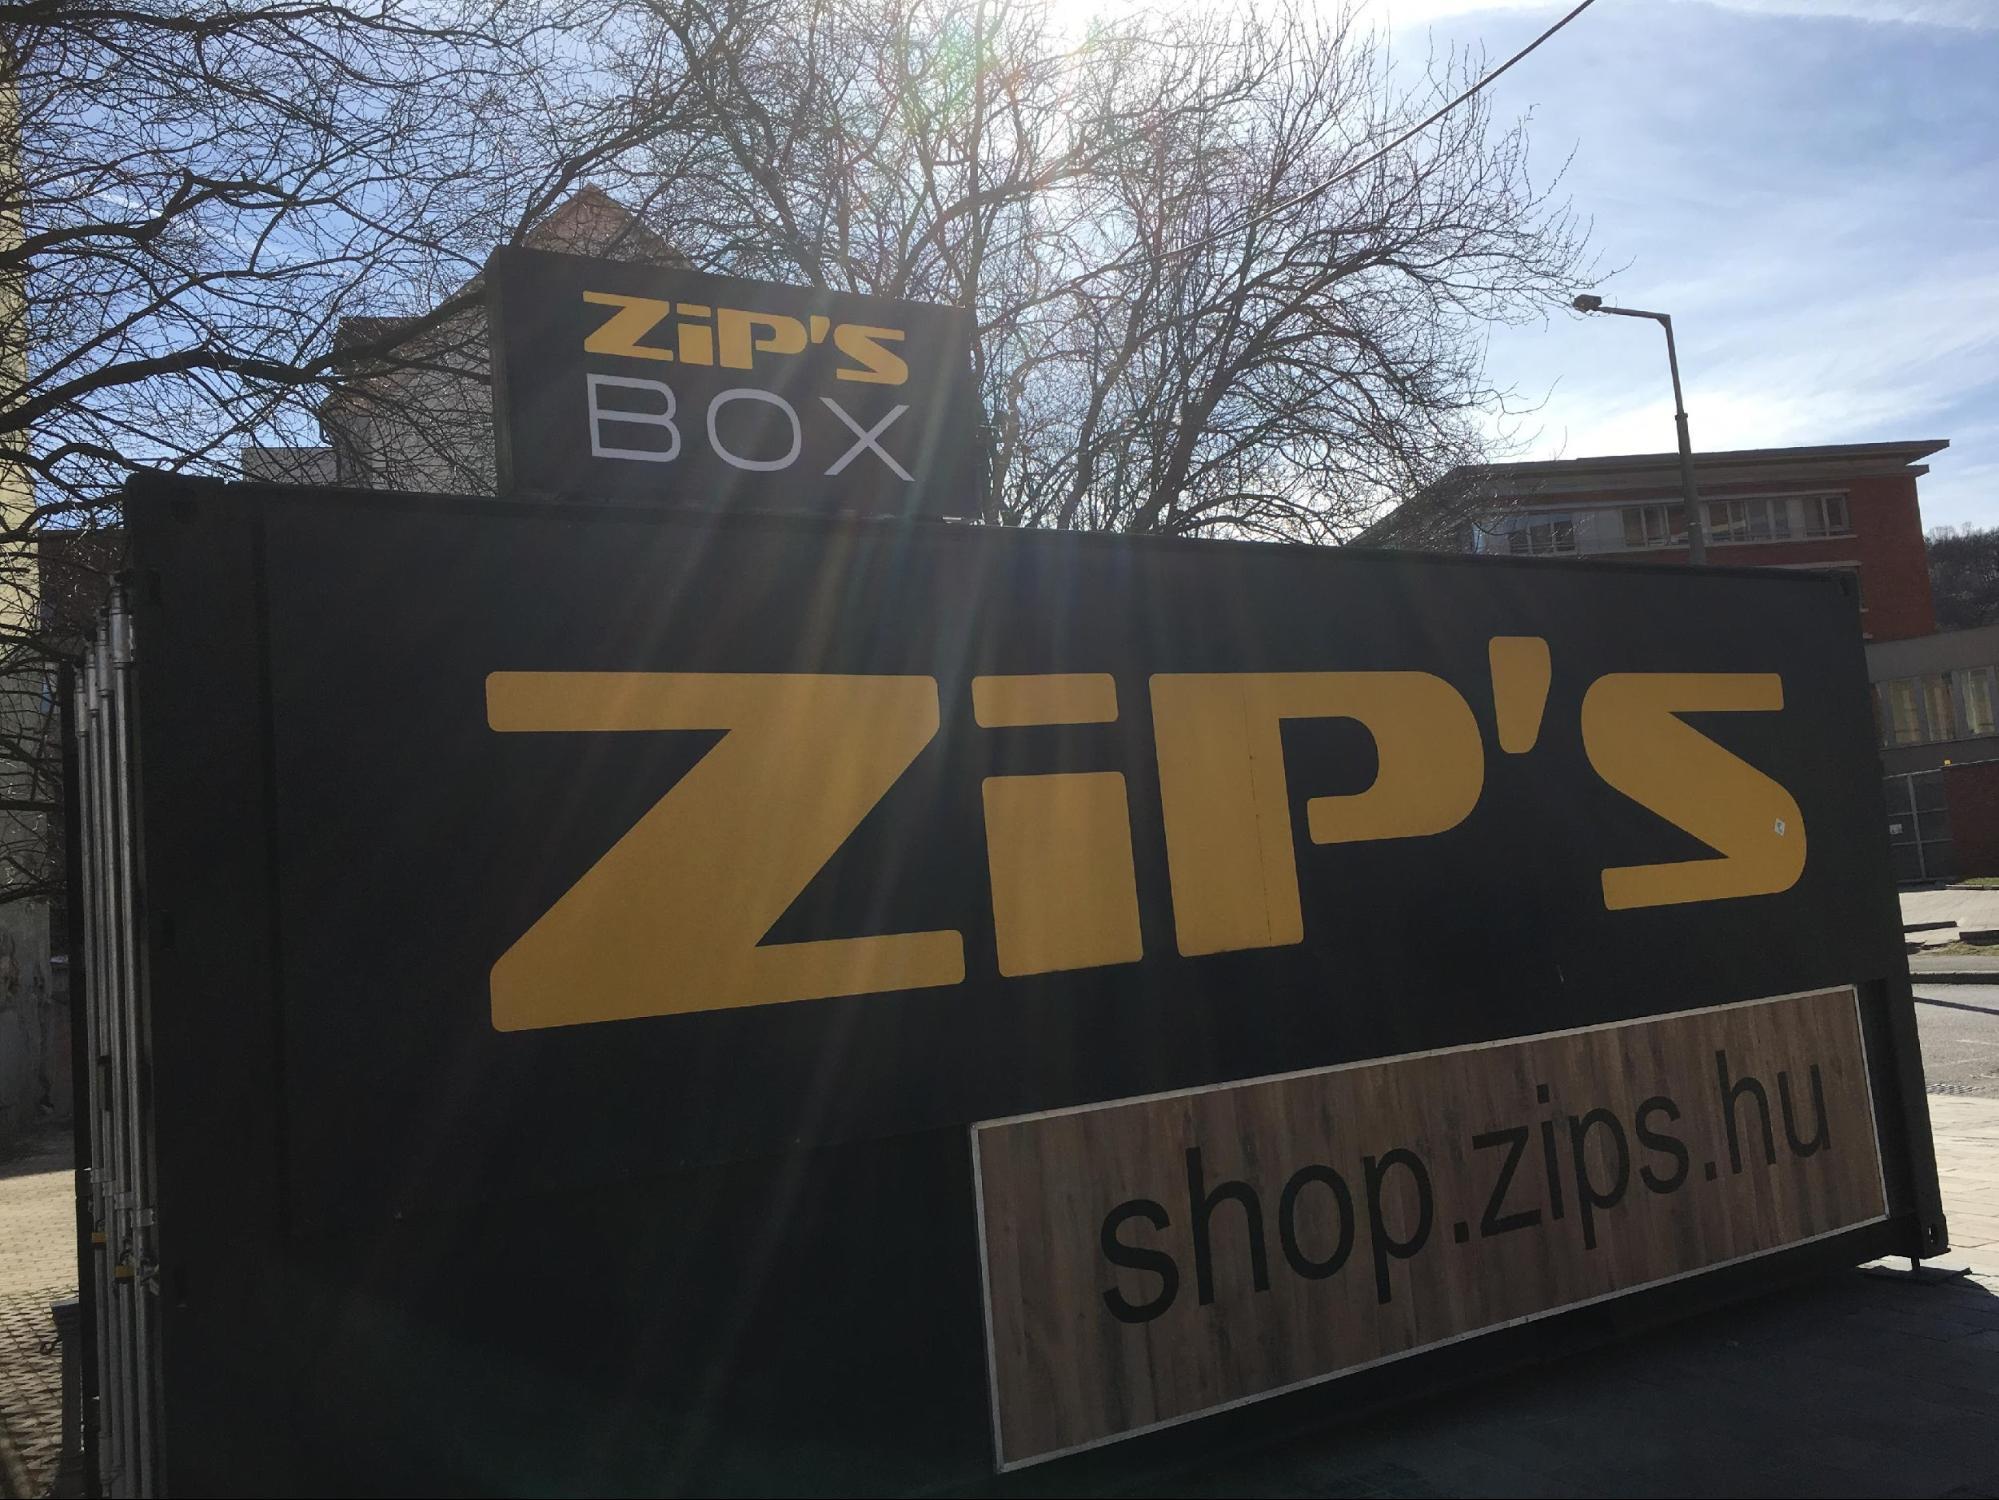 Zip's Box pop-up üzlet a miskolci Kocsonyafesztiválon